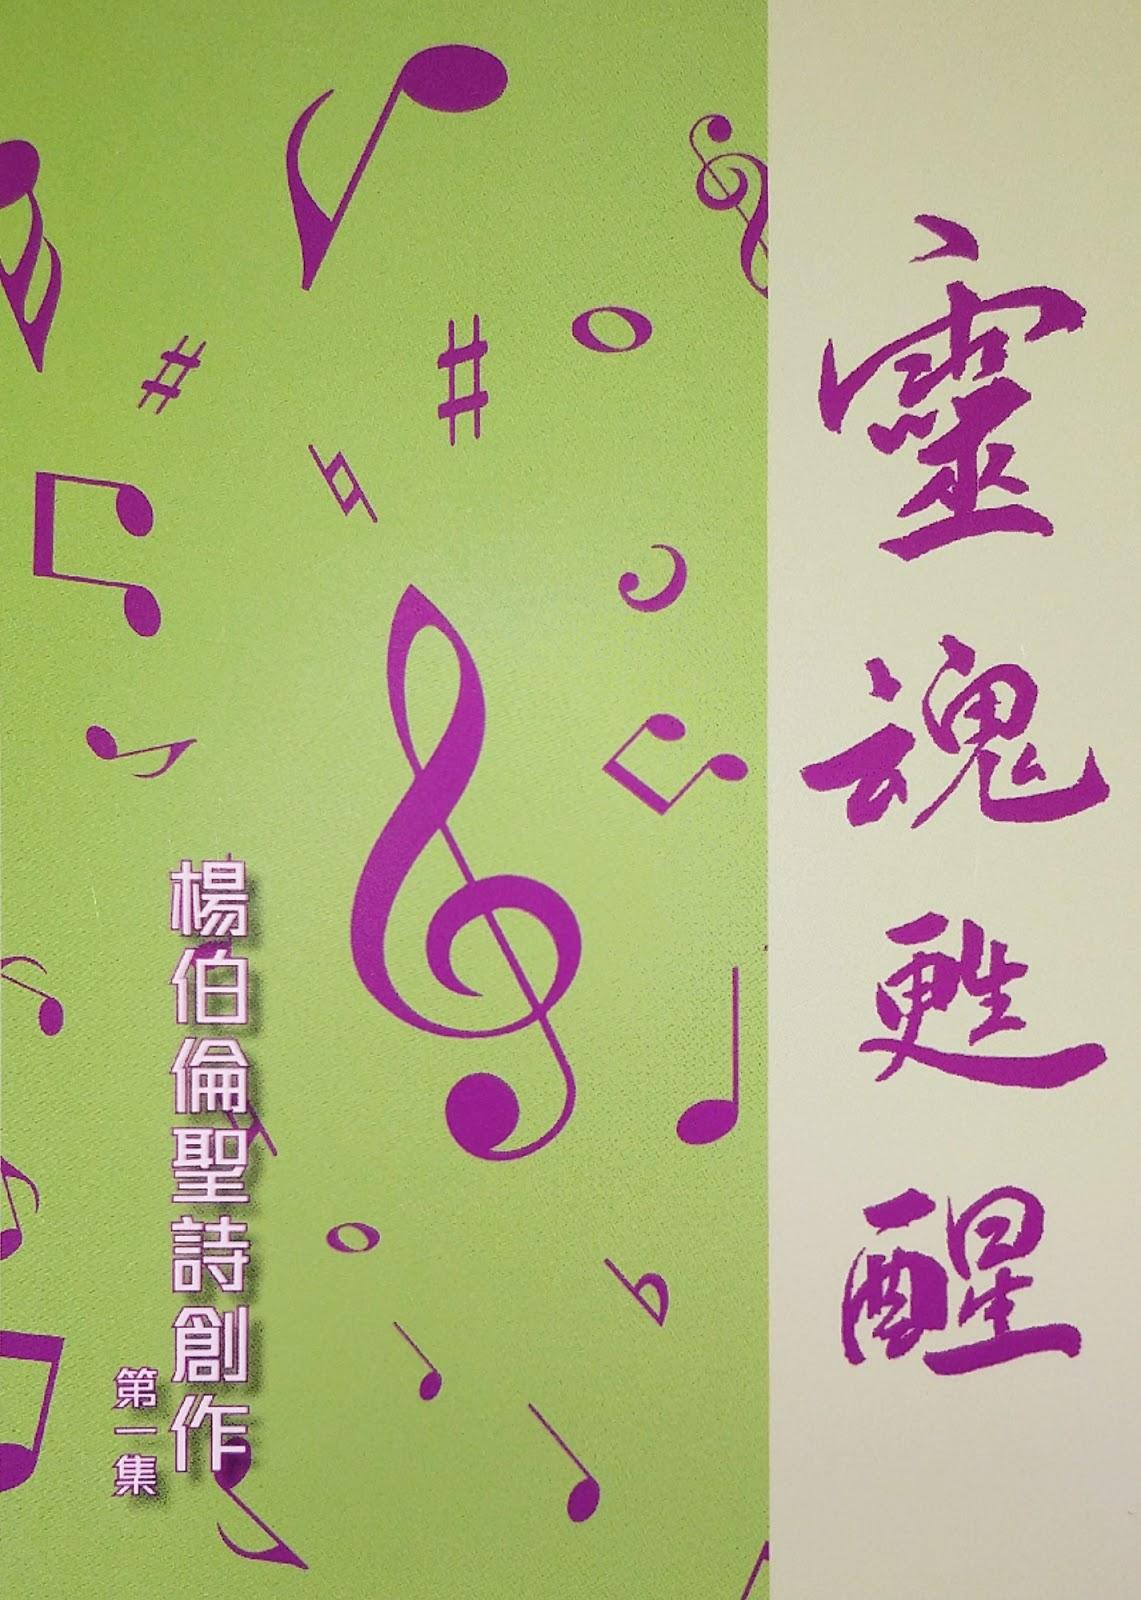 聖樂作曲家 - 楊伯倫音樂分享: 聖詩創作 - 靈魂甦醒